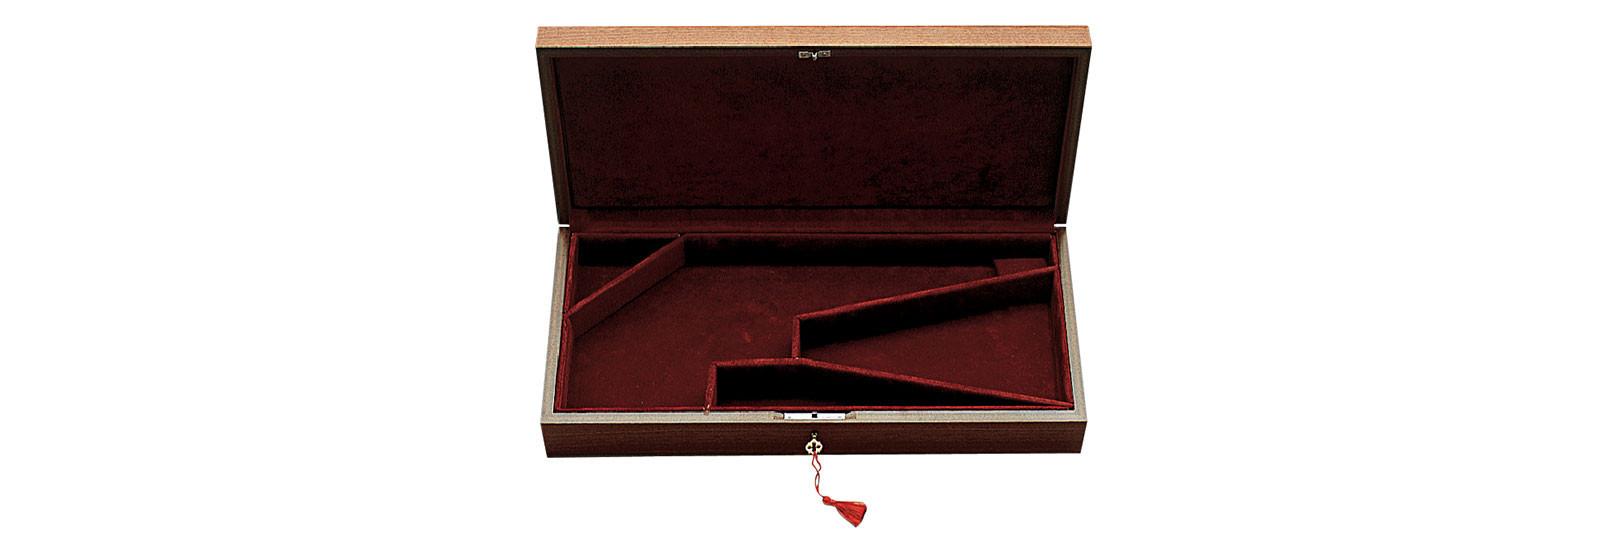 Cofanetto in legno per pistola e accessori